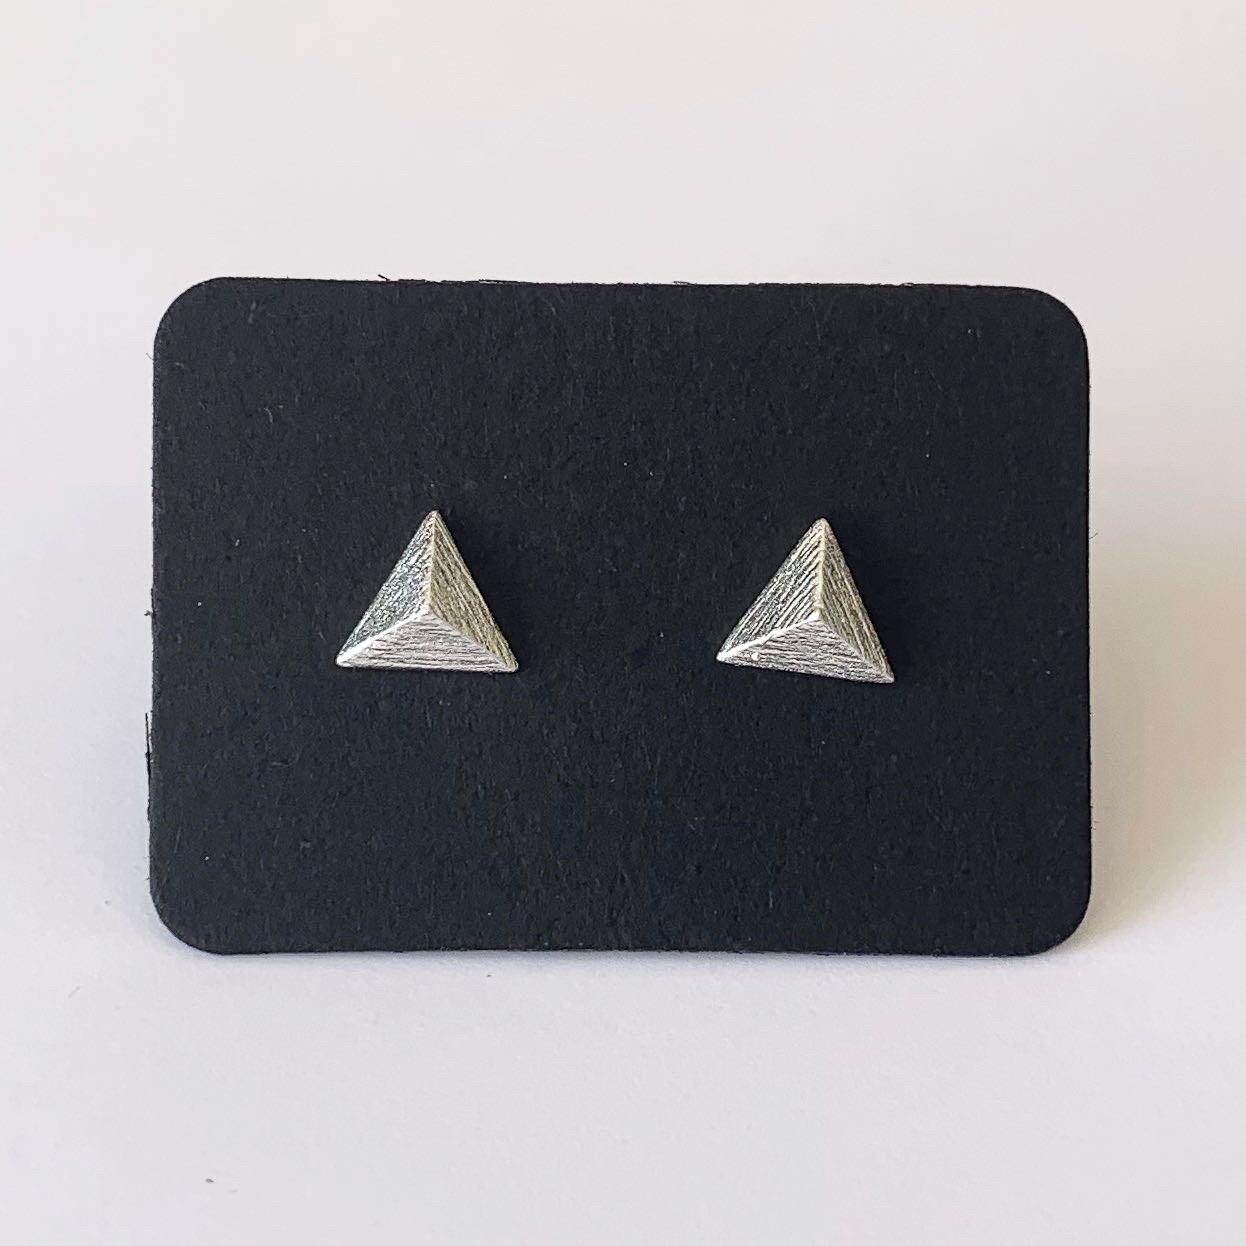 Driehoek knopjes 925 sterling zilver